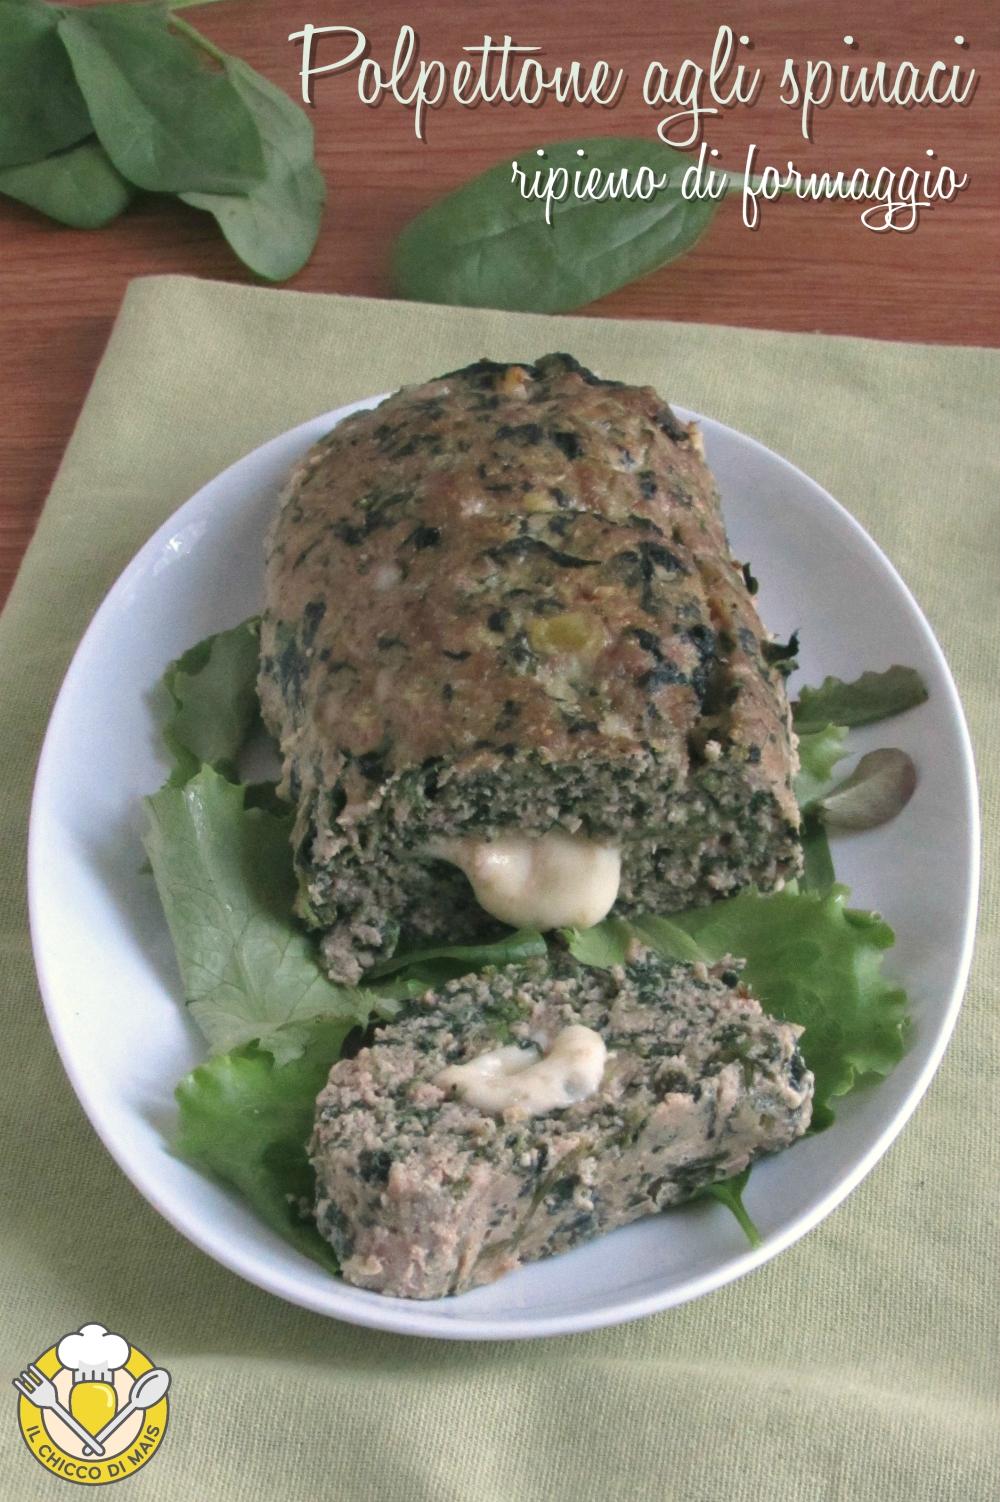 v_ Polpettone agli spinaci ripieno di formaggio filante ricetta facile gustosa il chicco di mais